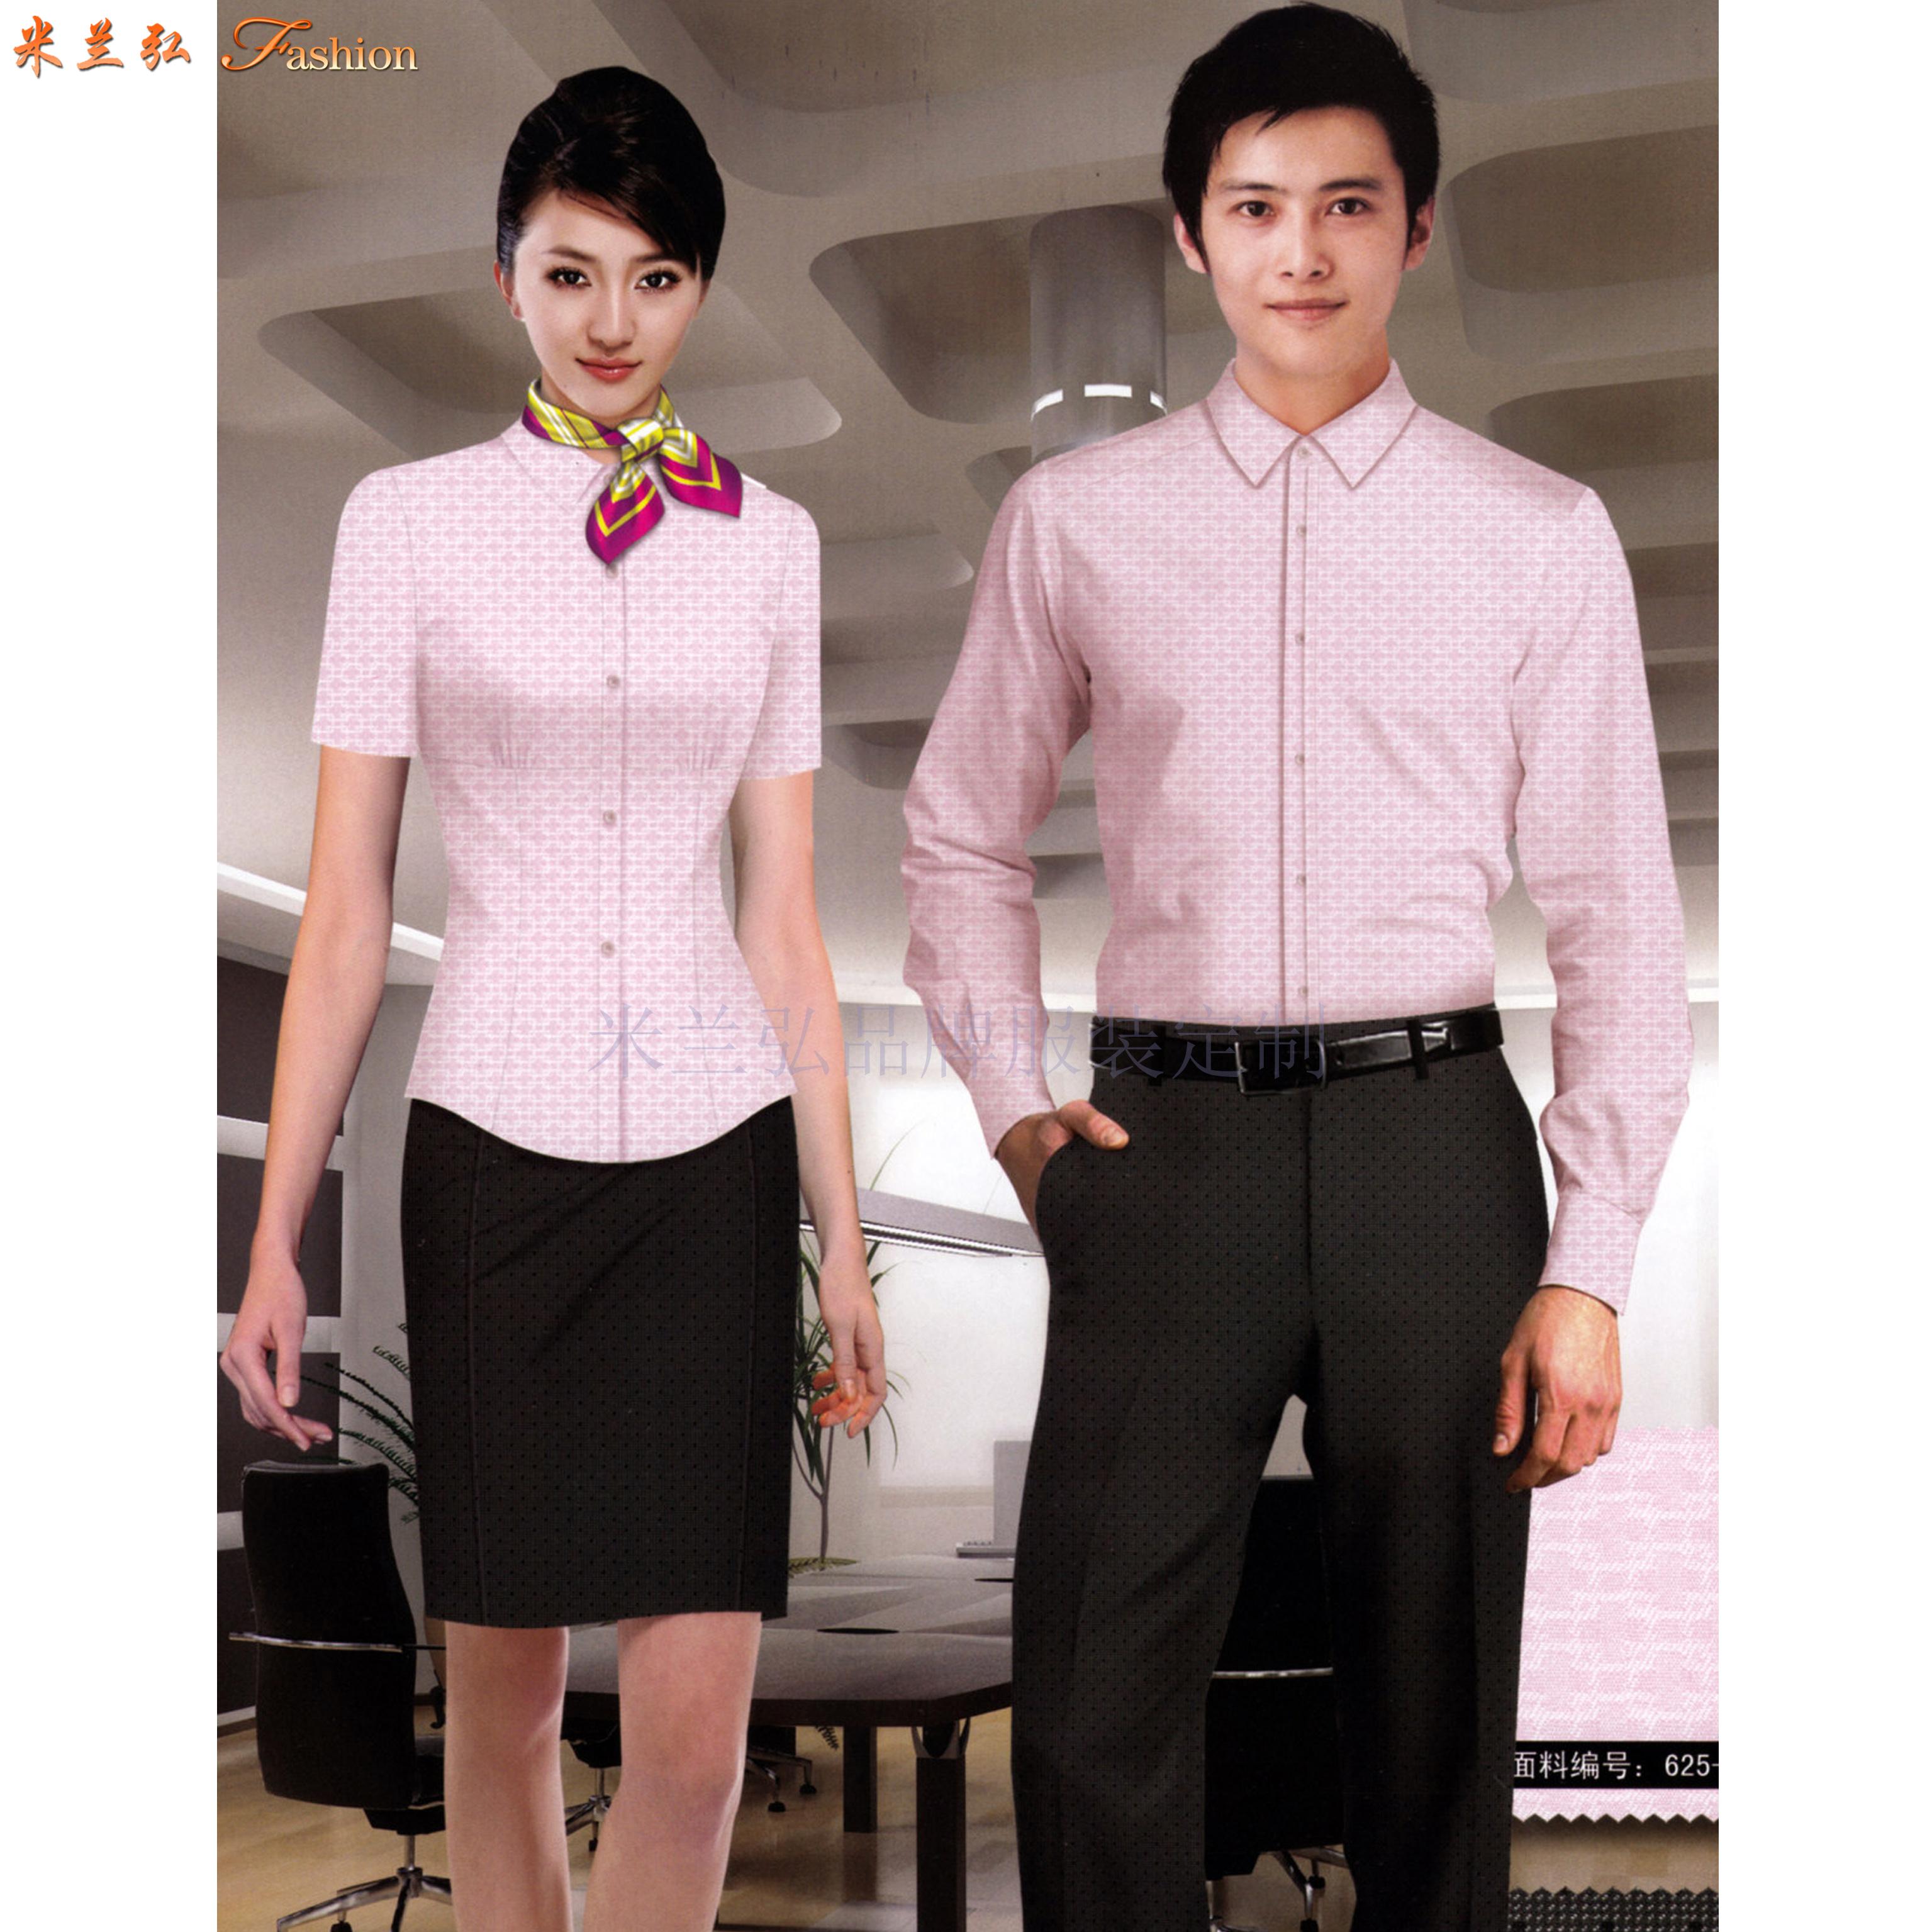 「男式衬衫订制」「女士衬衫定做」工作服衬衫定制工厂-米兰弘-1